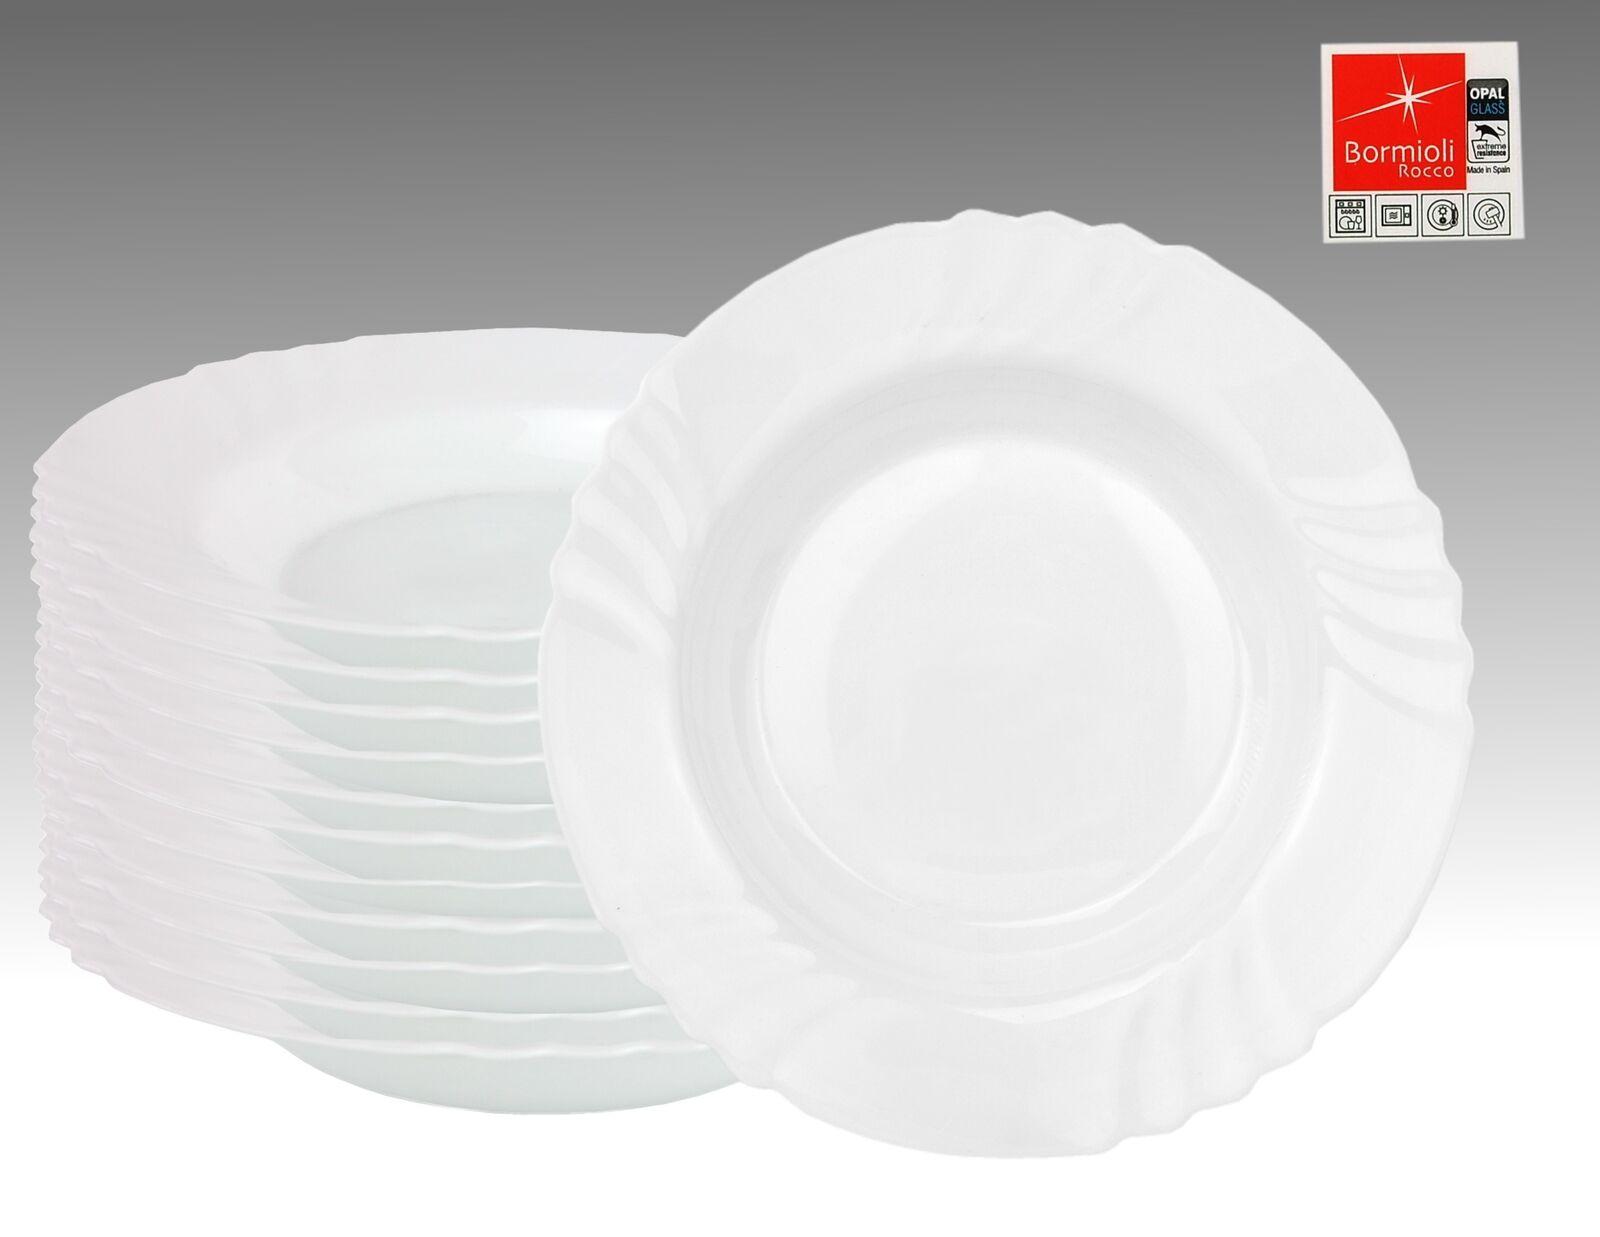 12er Set Essteller Ebro tief 23,5cm Hartglas Suppenteller weiß Teller Geschirr